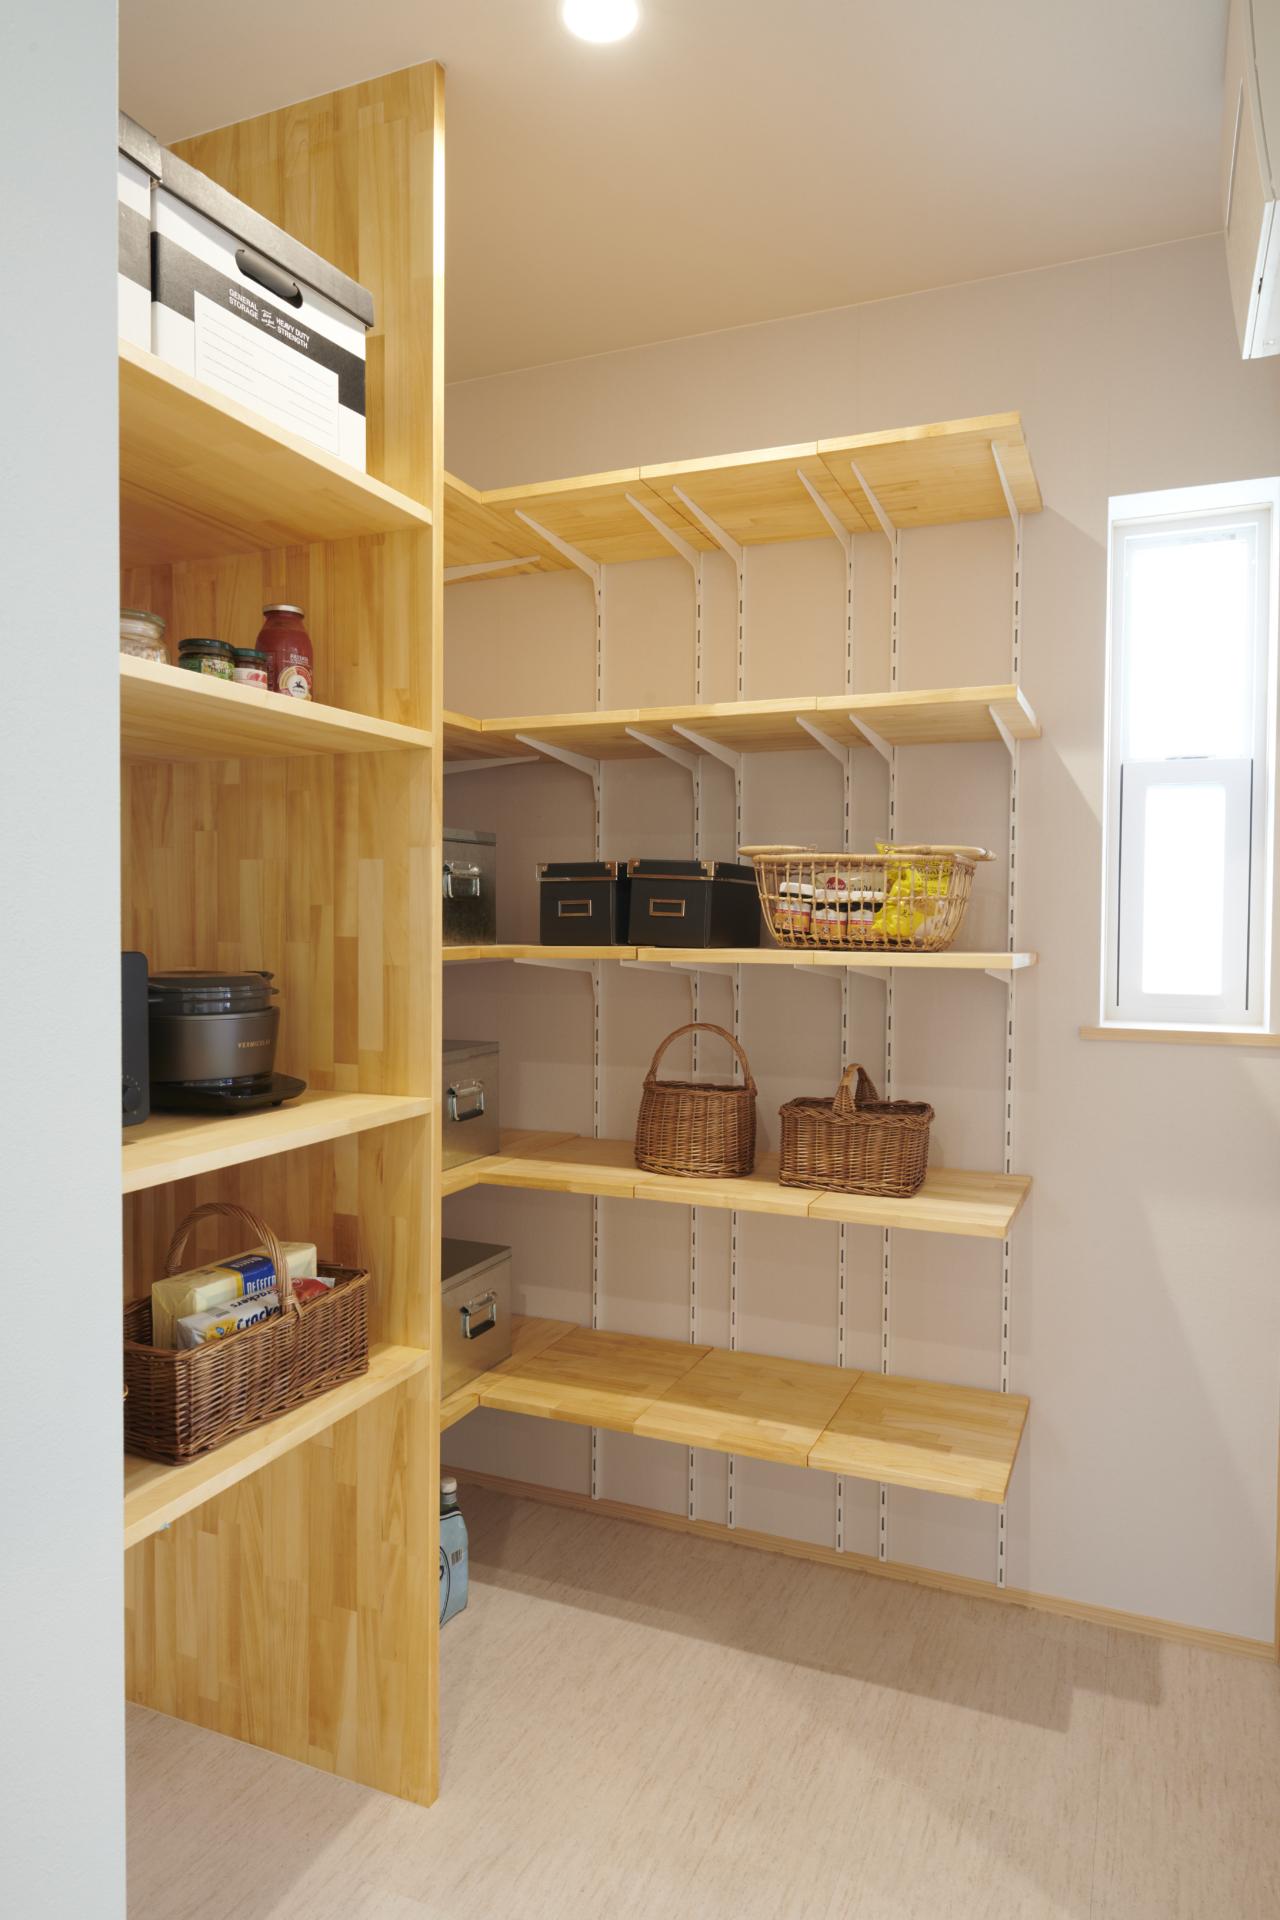 木製の棚の個室のキッチンパントリー